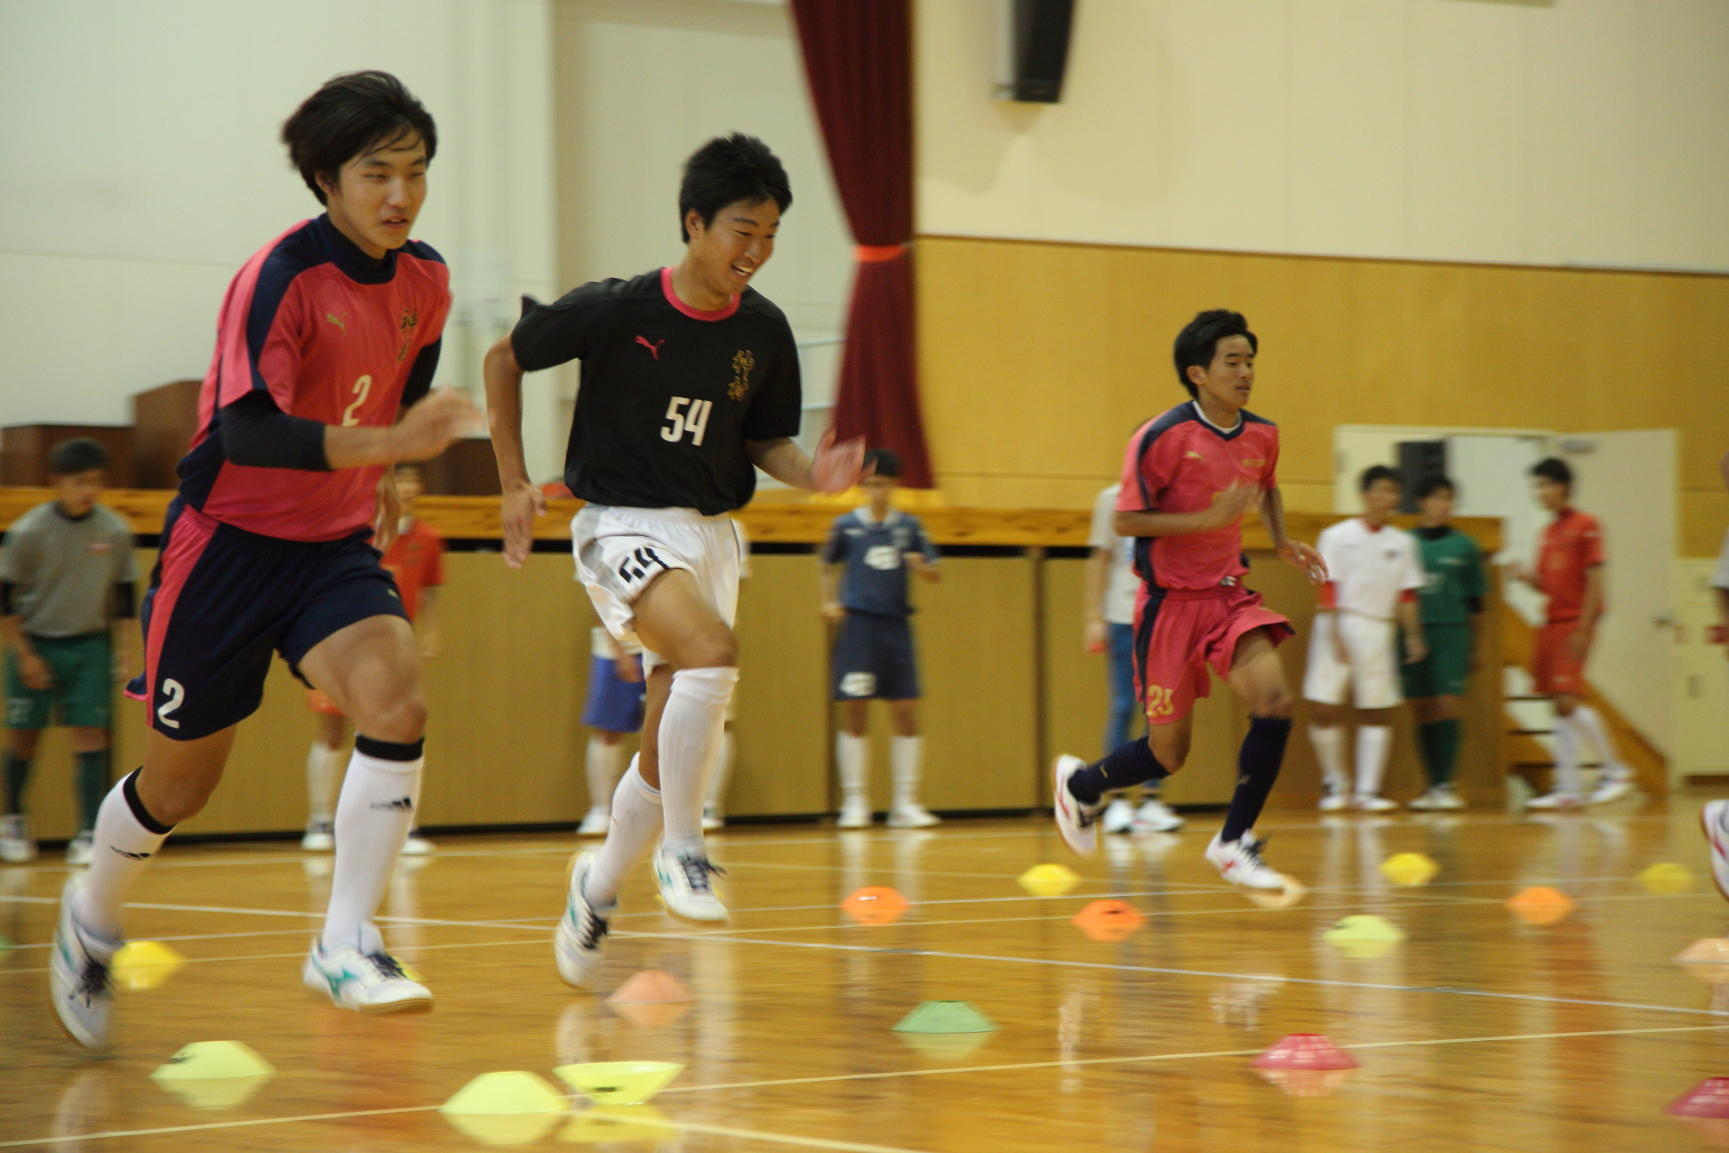 神村学園の練習に潜入!-POCARI SWEAT SPECIAL SESSION